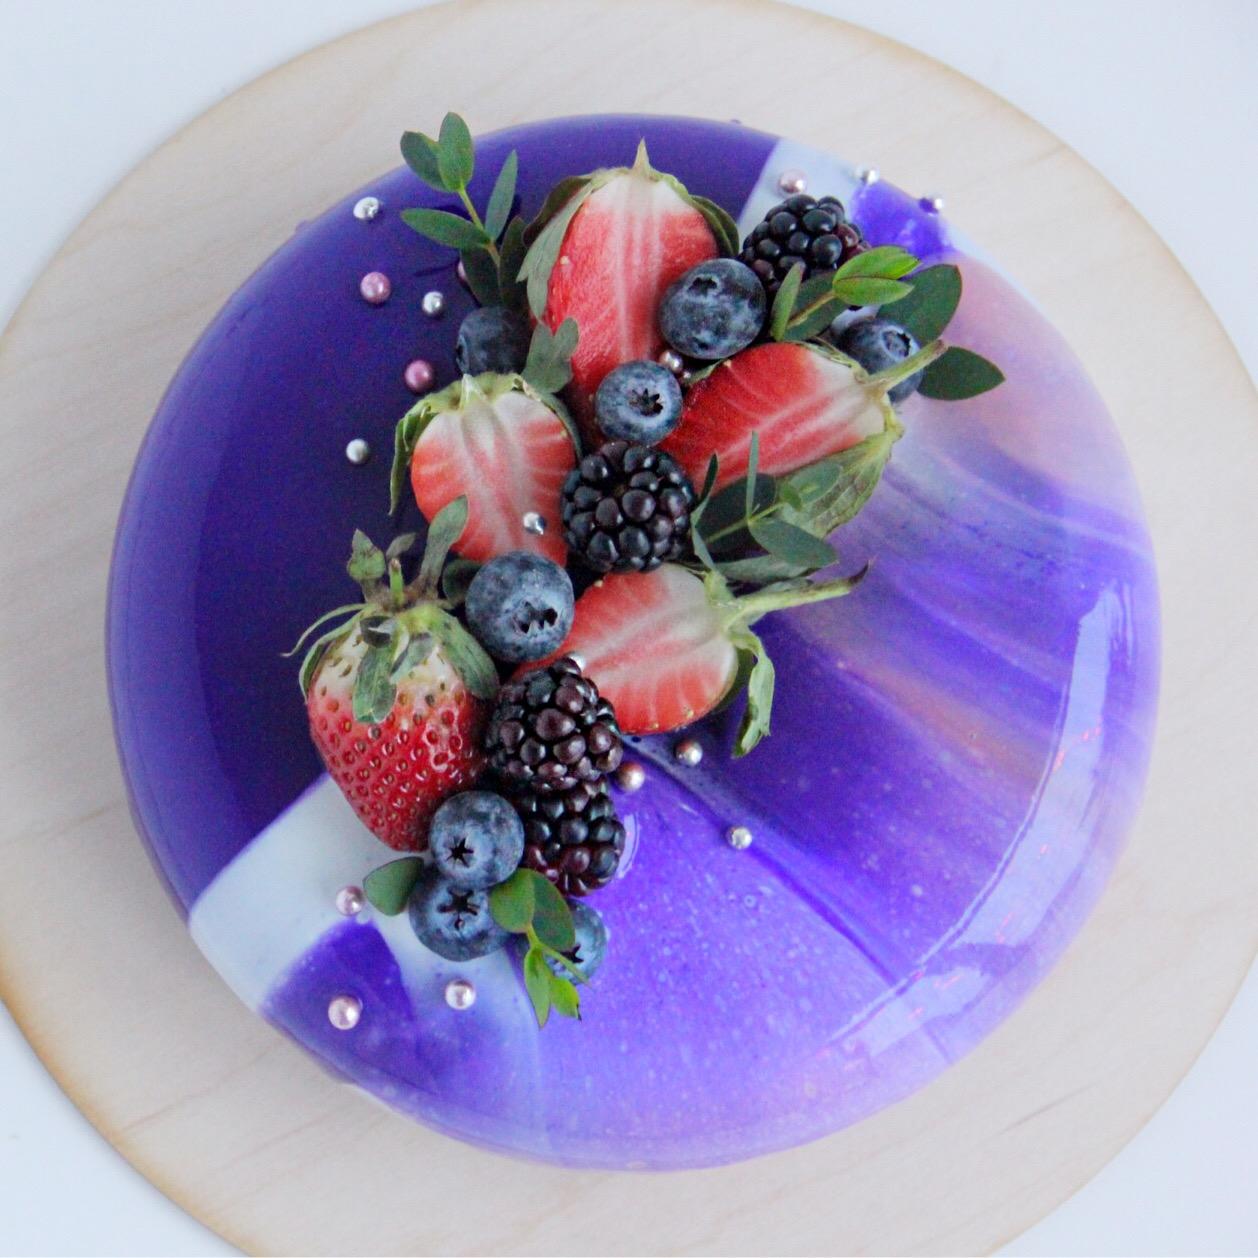 космический торт кудрово